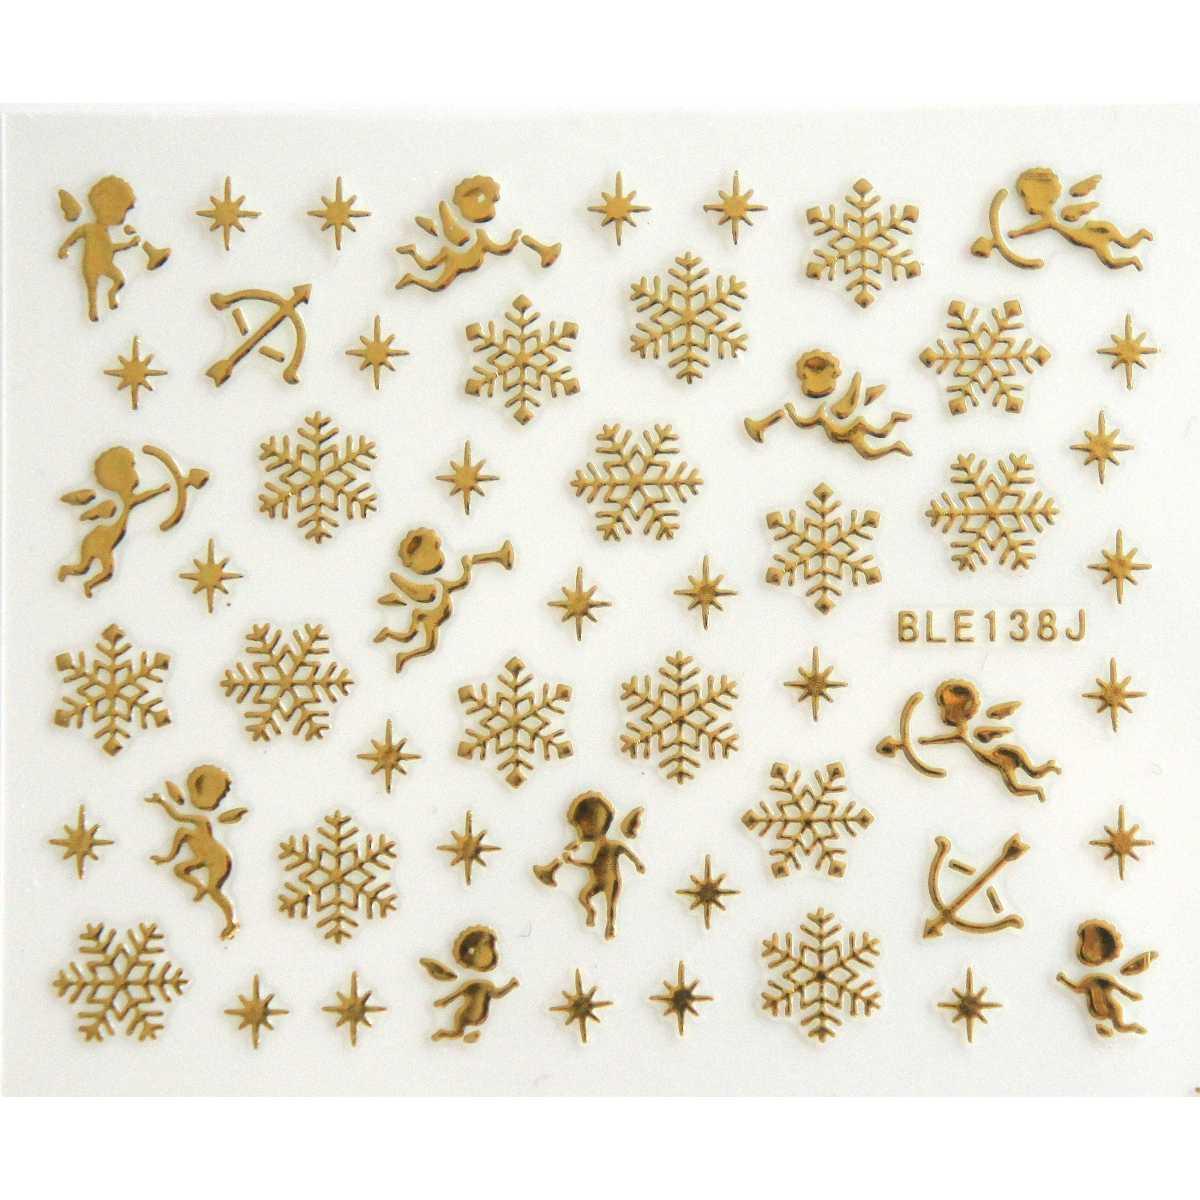 https://www.kit-manucure.com/269-thickbox_default/stickers-de-noël-anges-et-flocons-doré.jpg